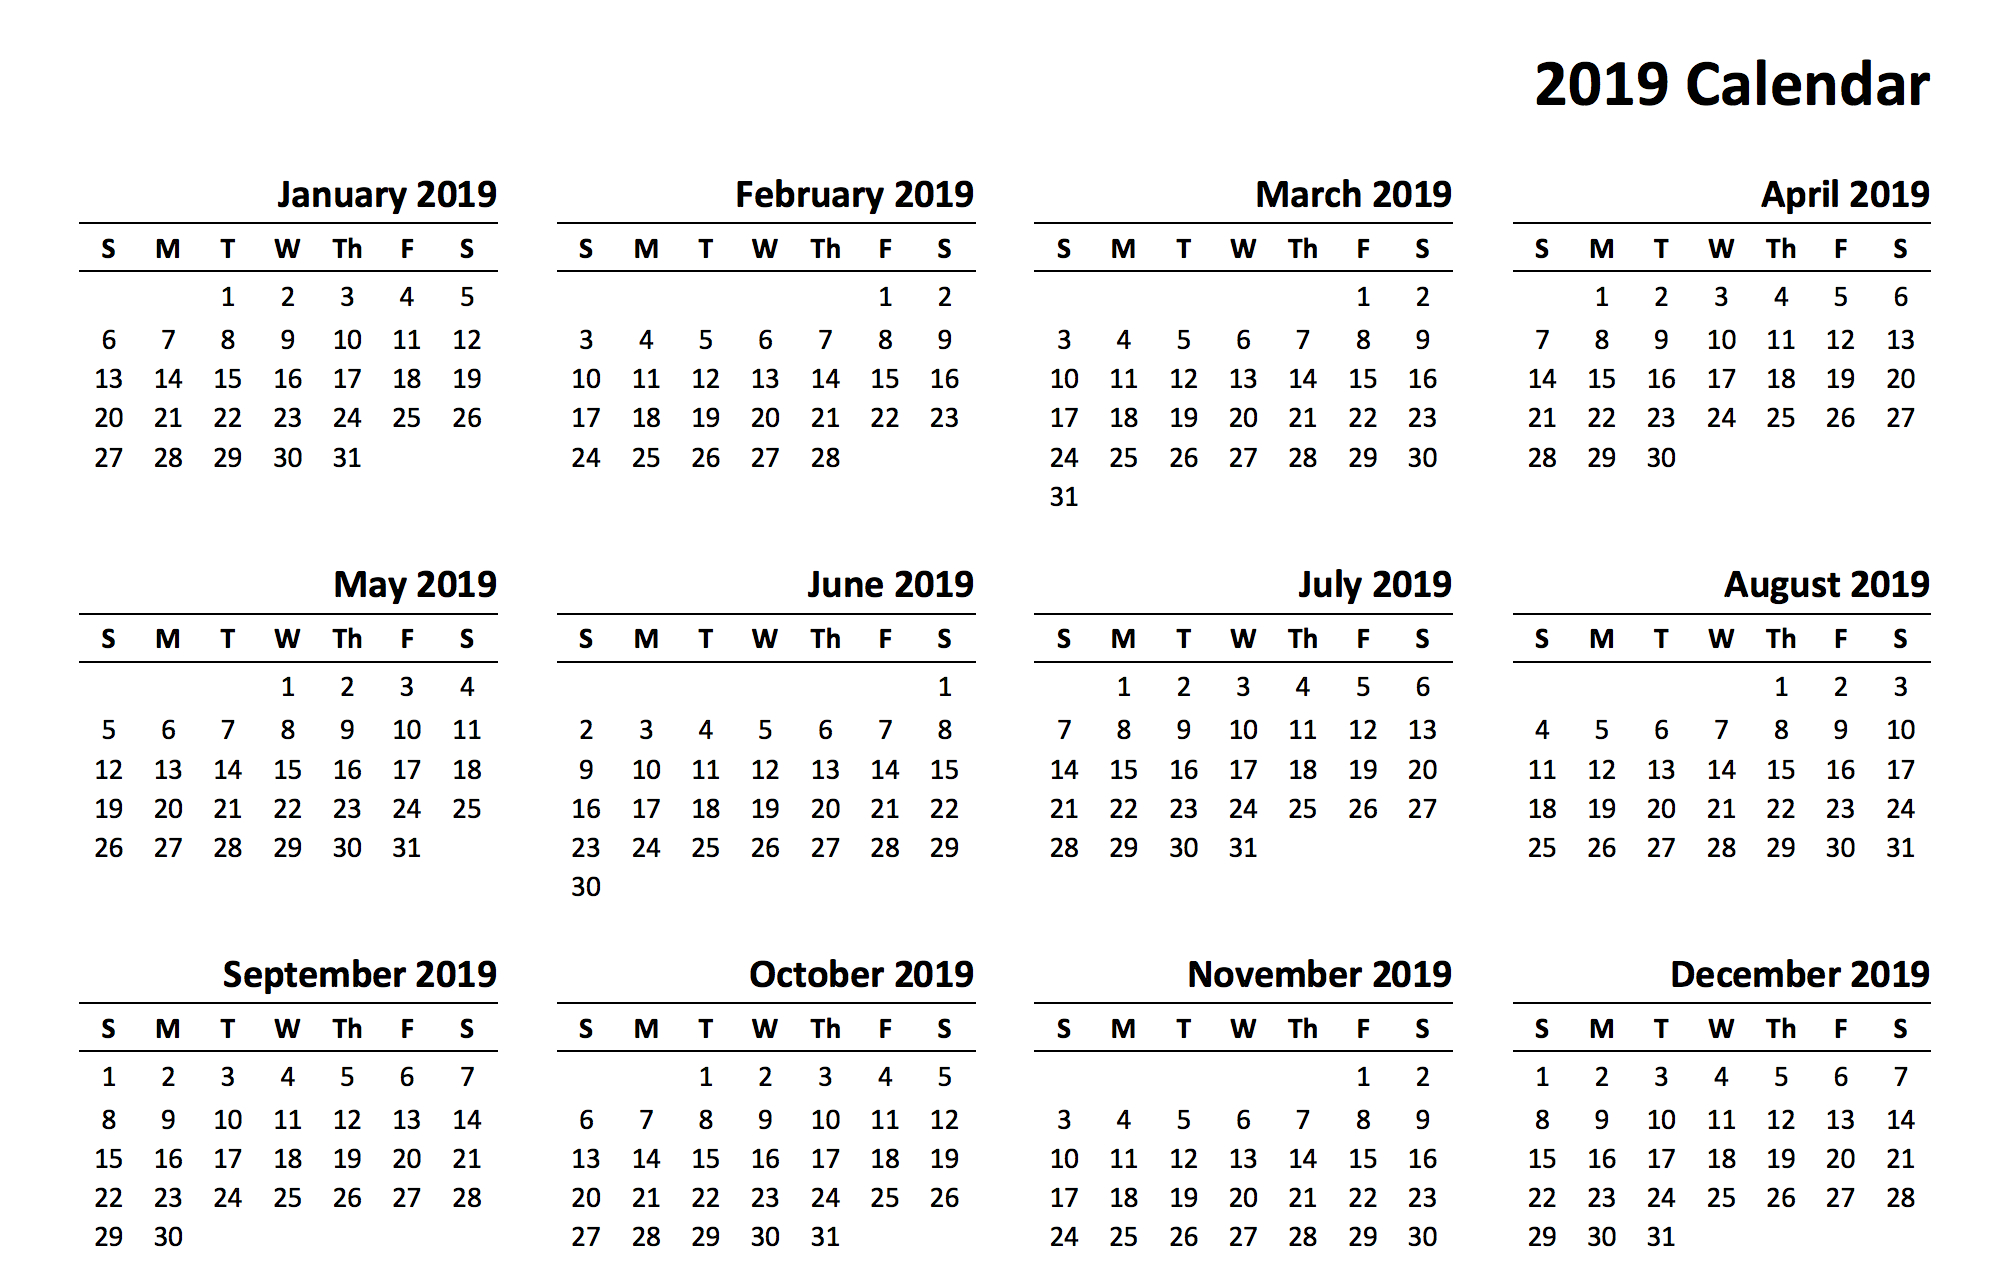 Printable 2019 Calendaryear | Printable Calendar 2019 Calendar 2019 Online